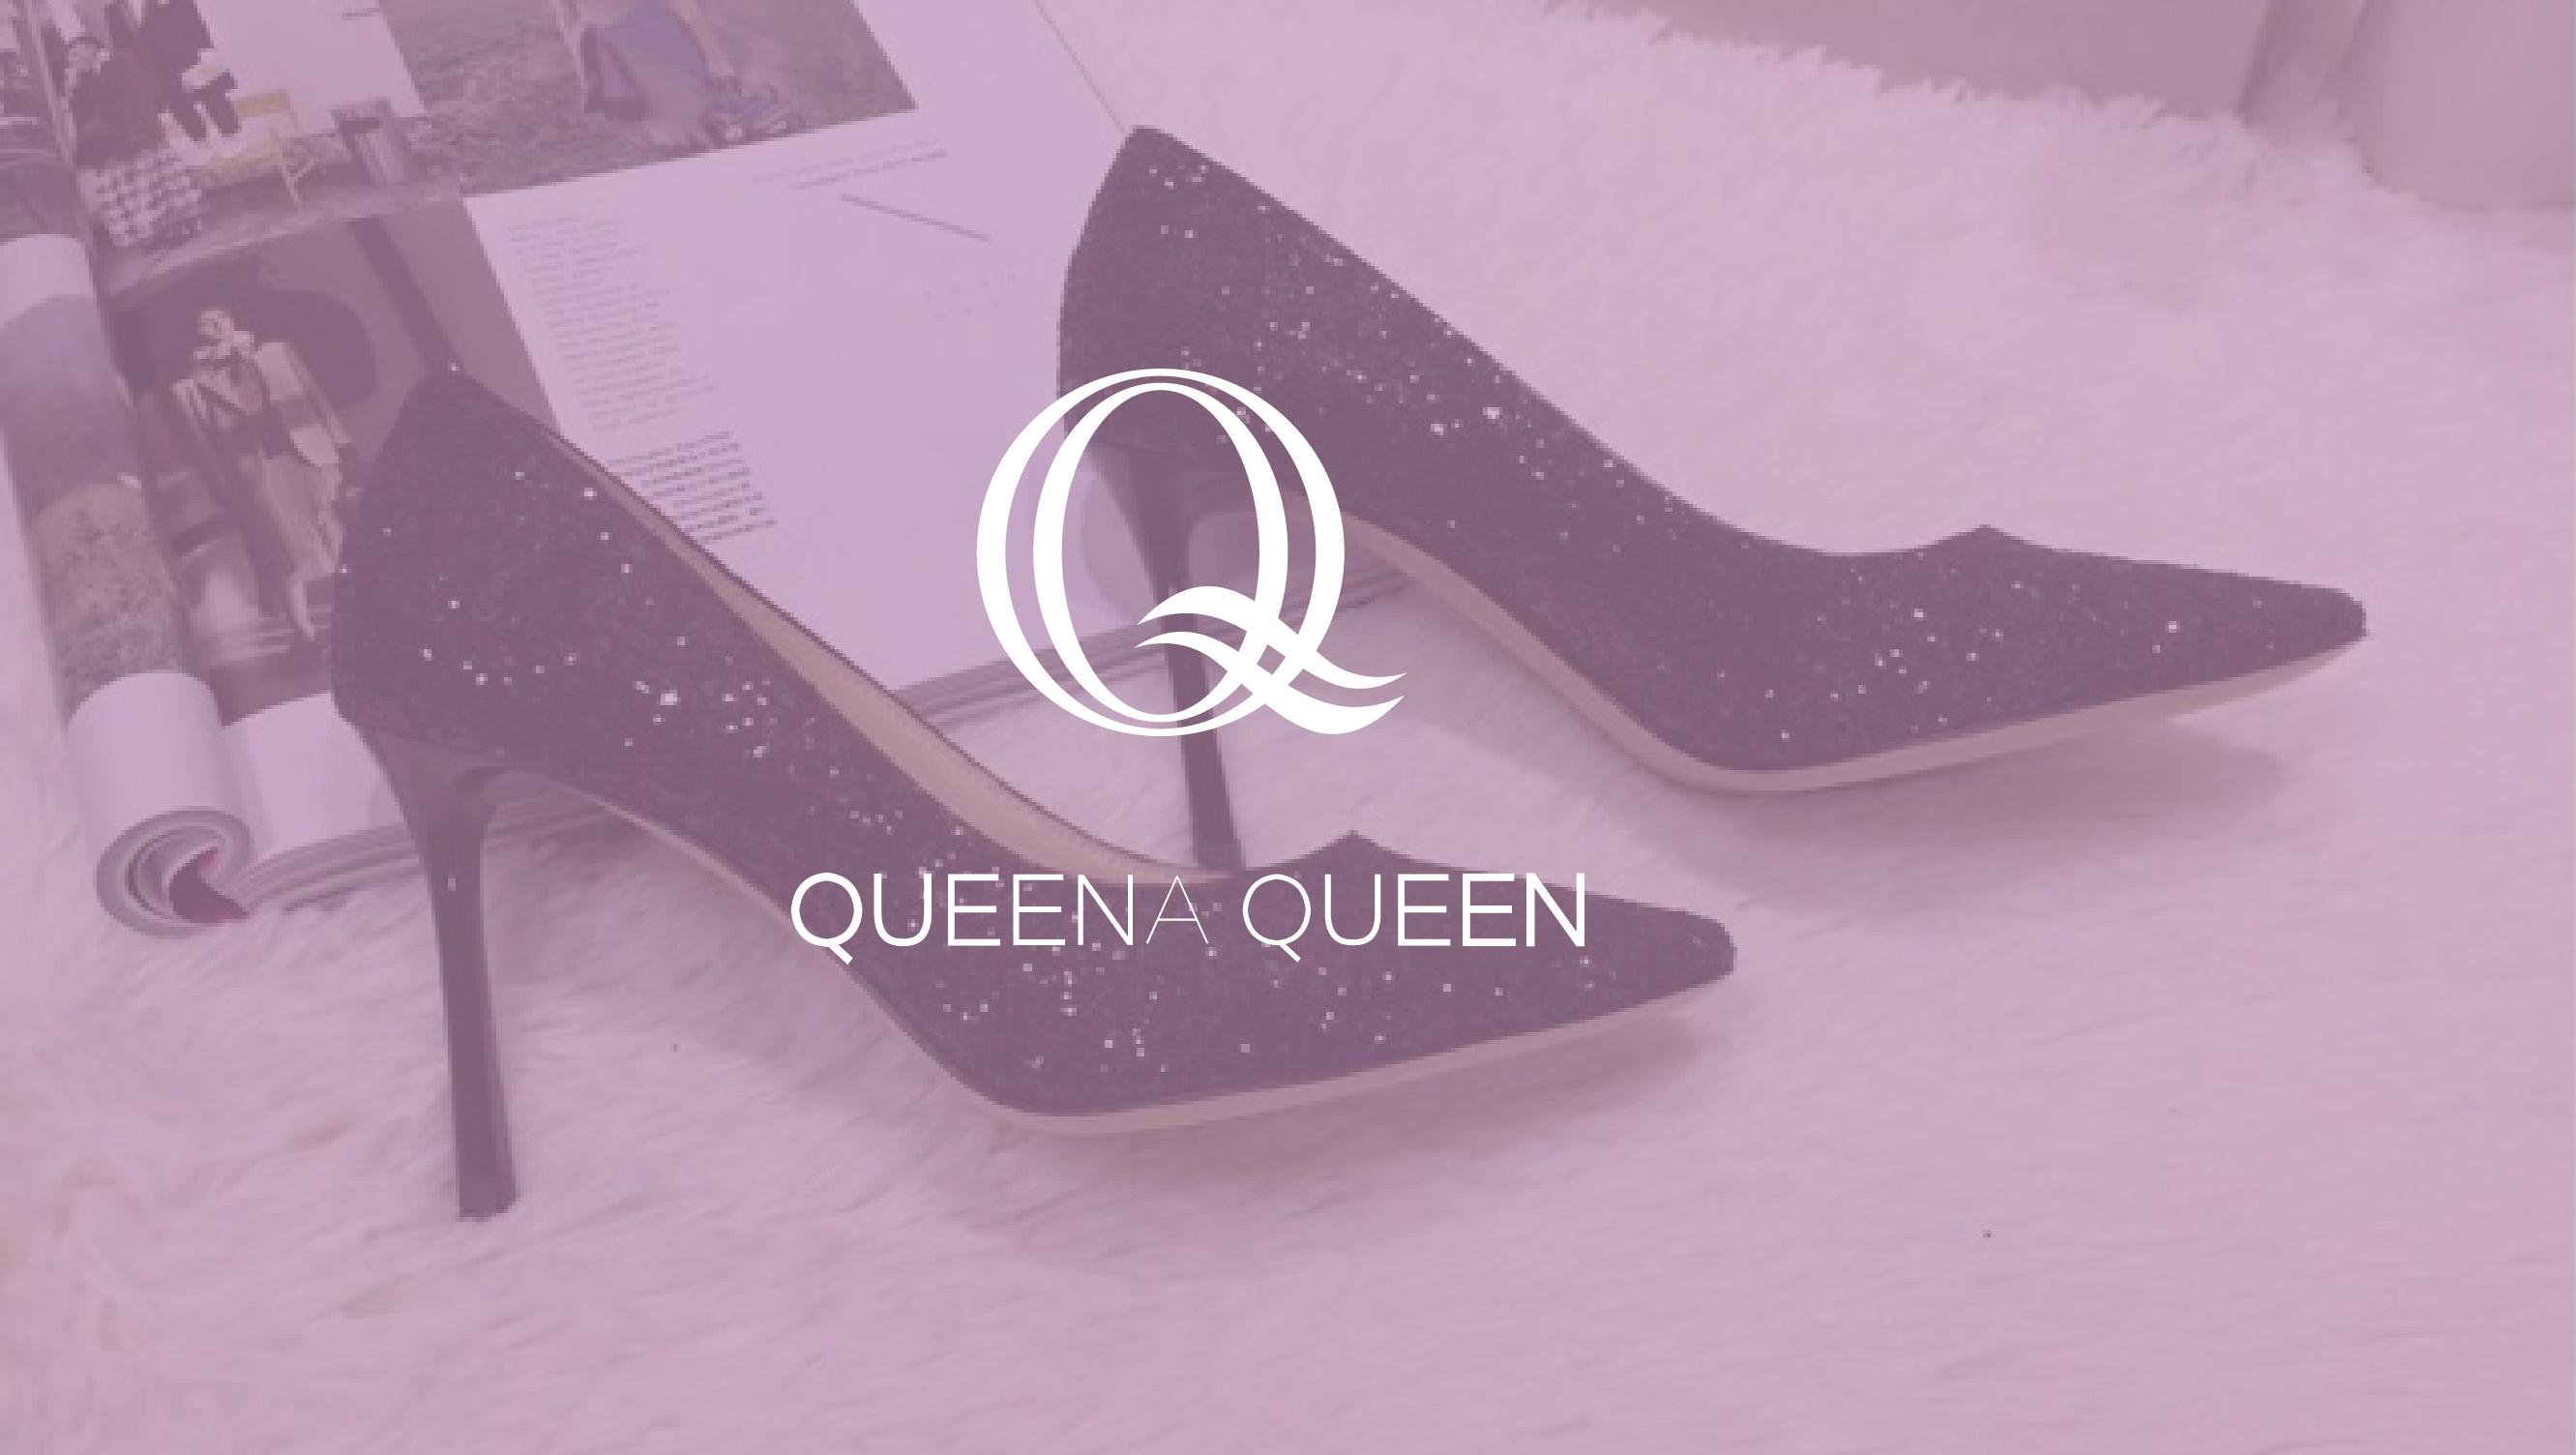 女鞋产品LOGO设计,因改名重新征集_2965126_k68威客网